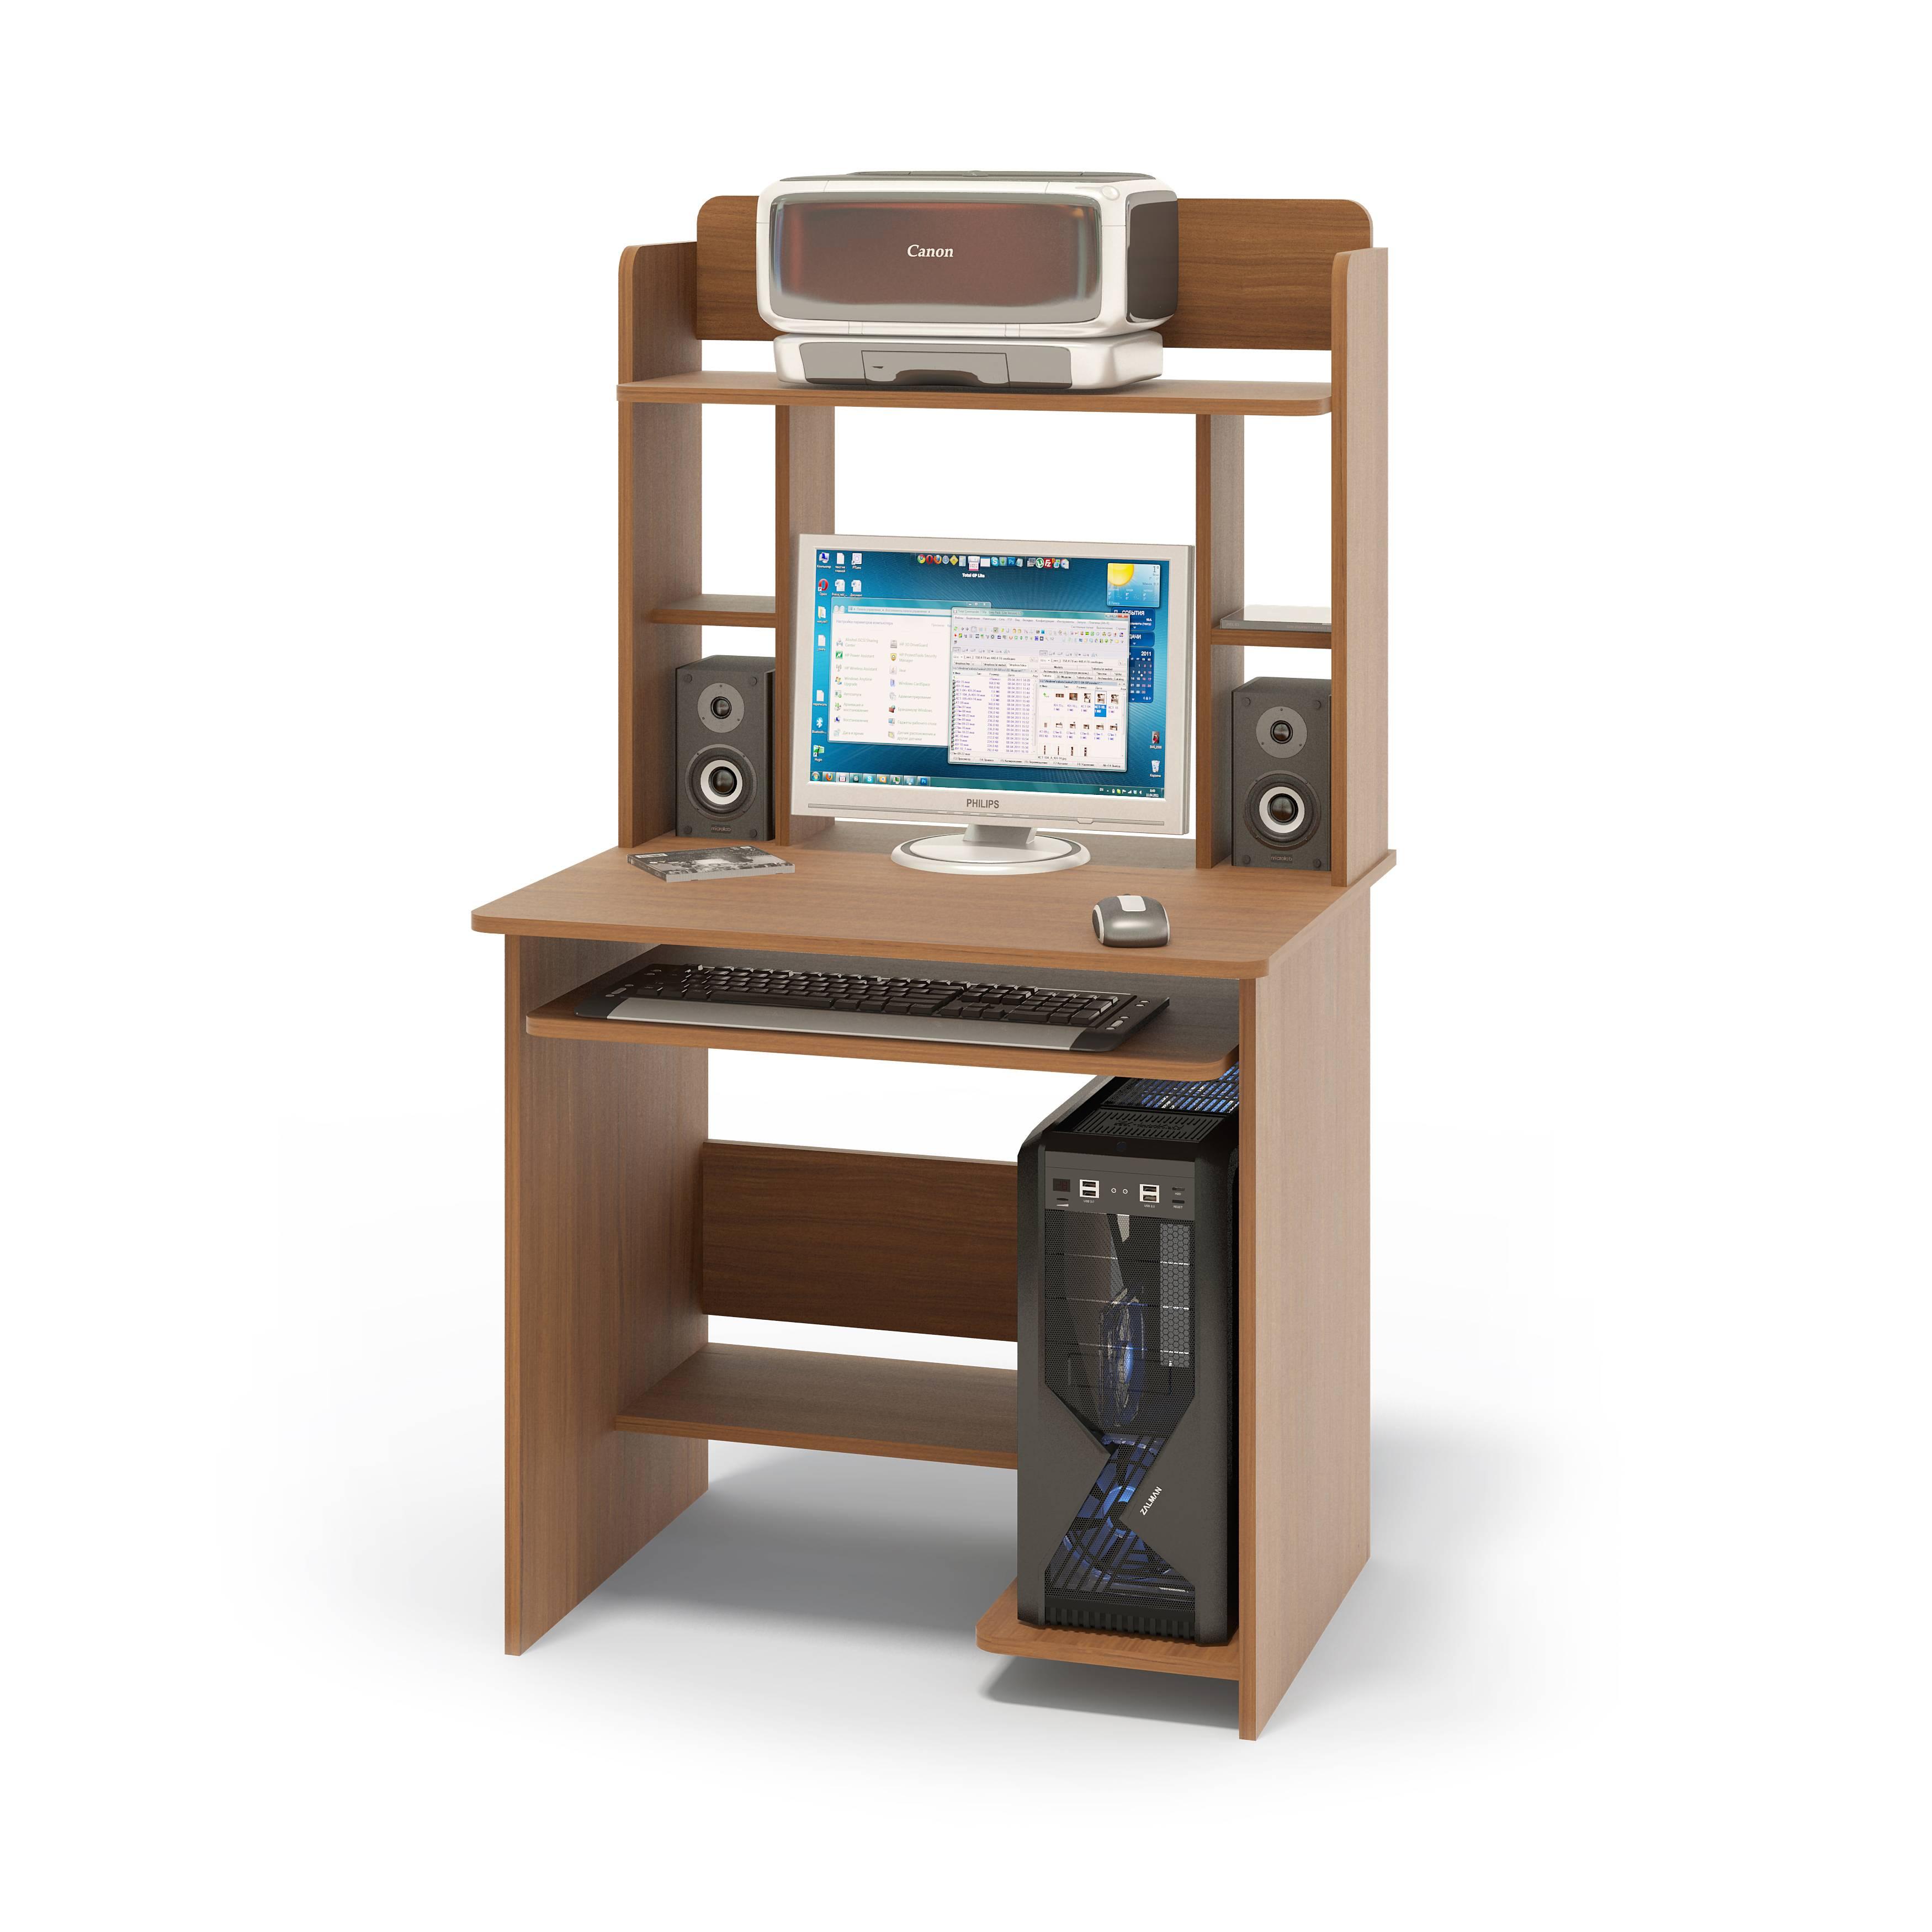 Компьютерный стол сокол кст-01.1+кн-12 испанский орех от сок.